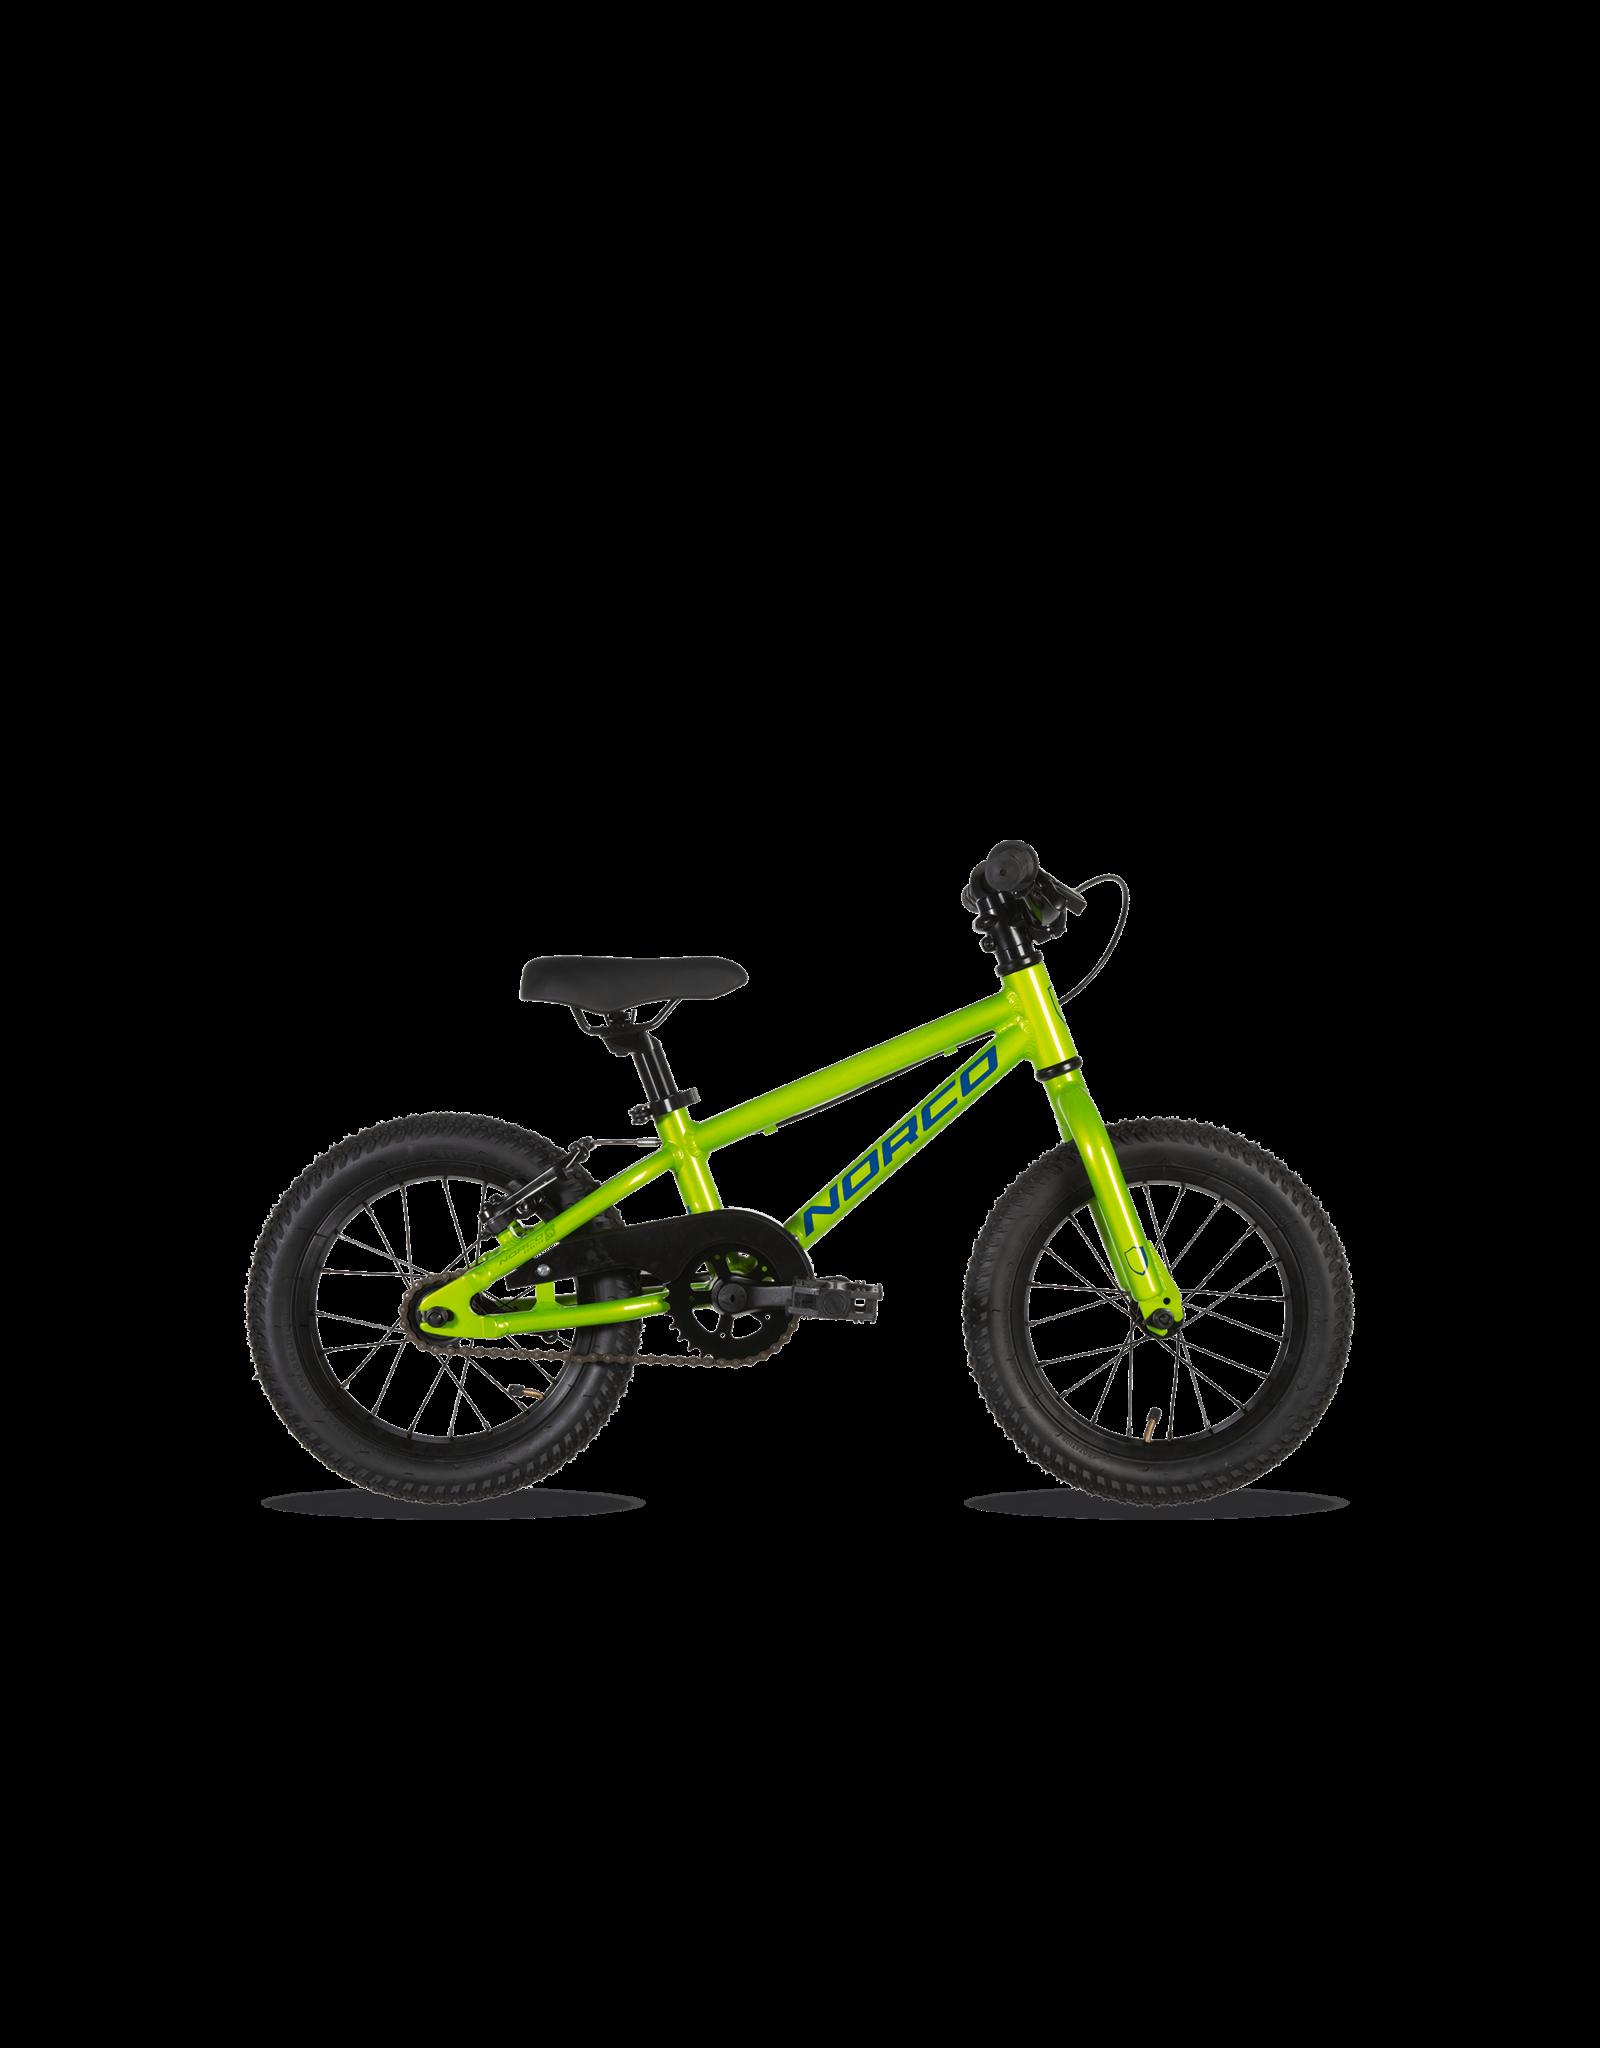 Norco 2020 Norco coaster 14